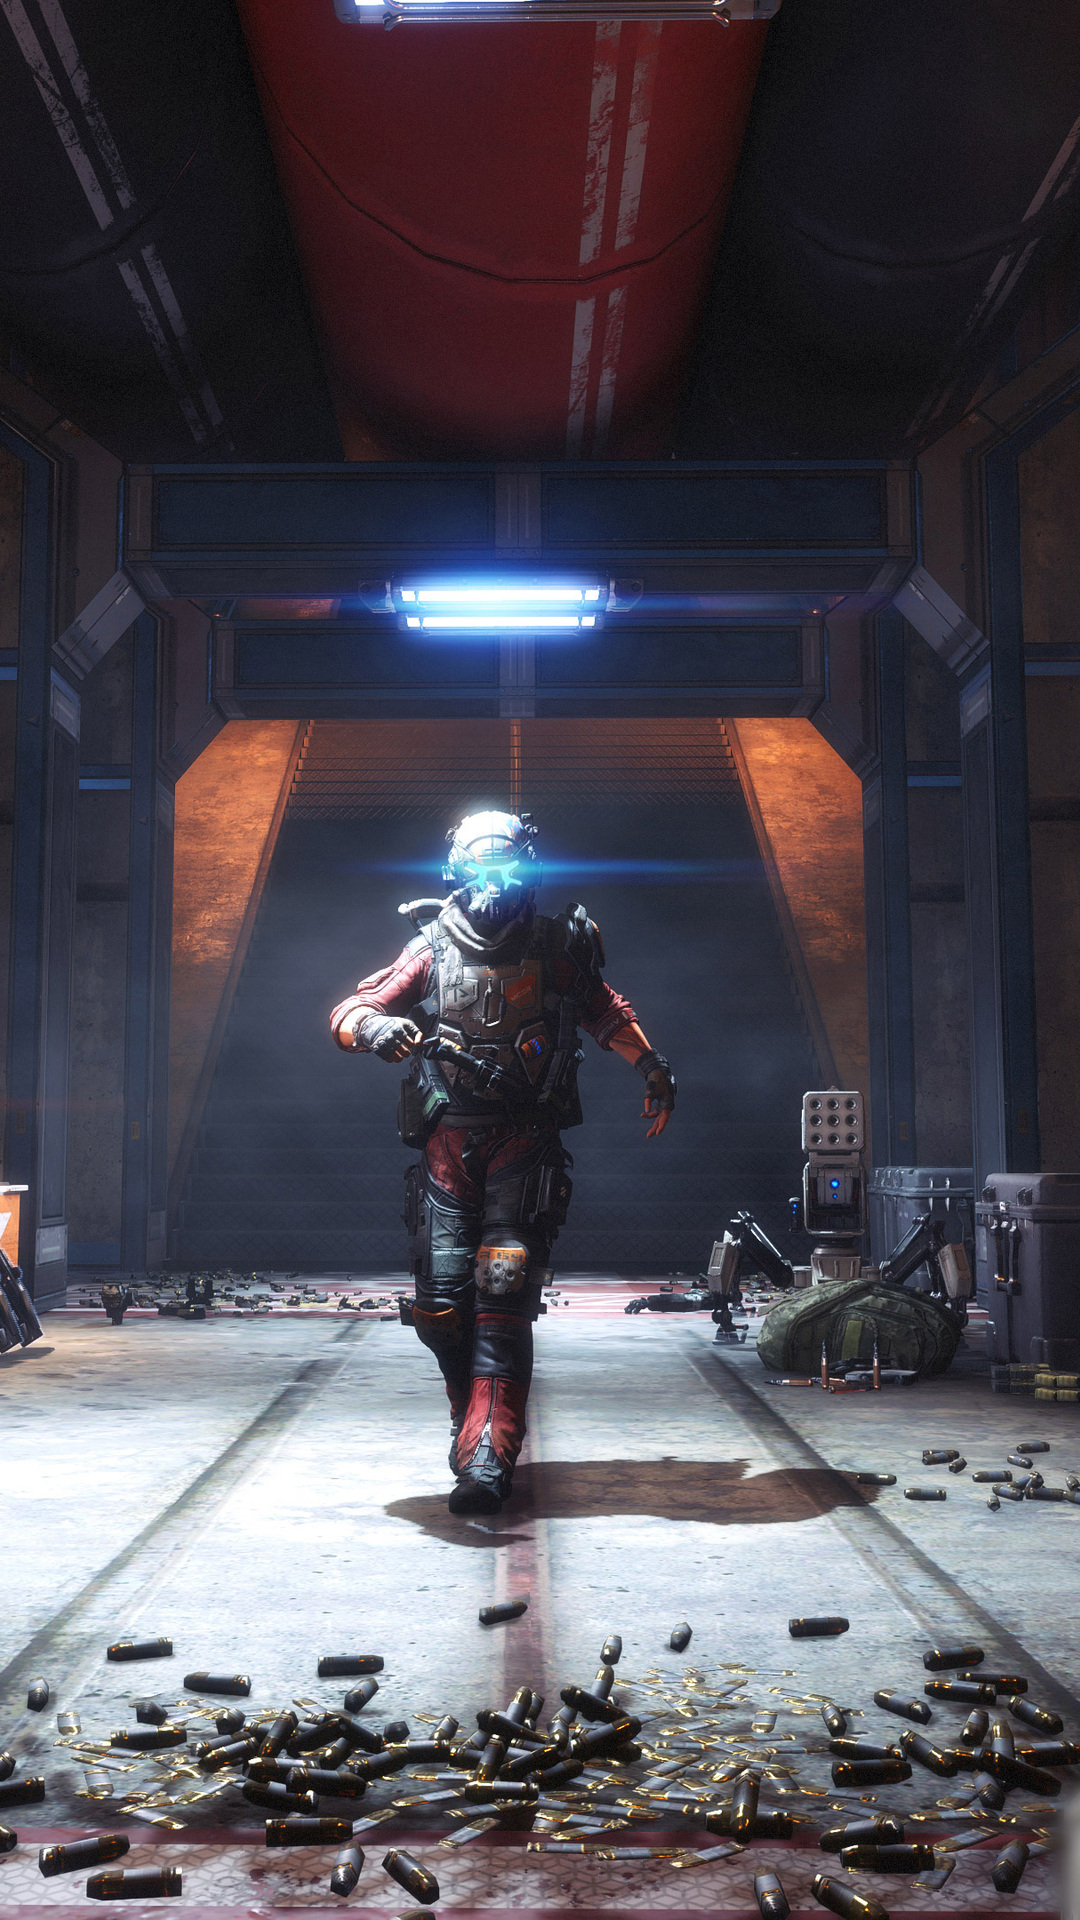 2016-titanfall-2-game-4k.jpg